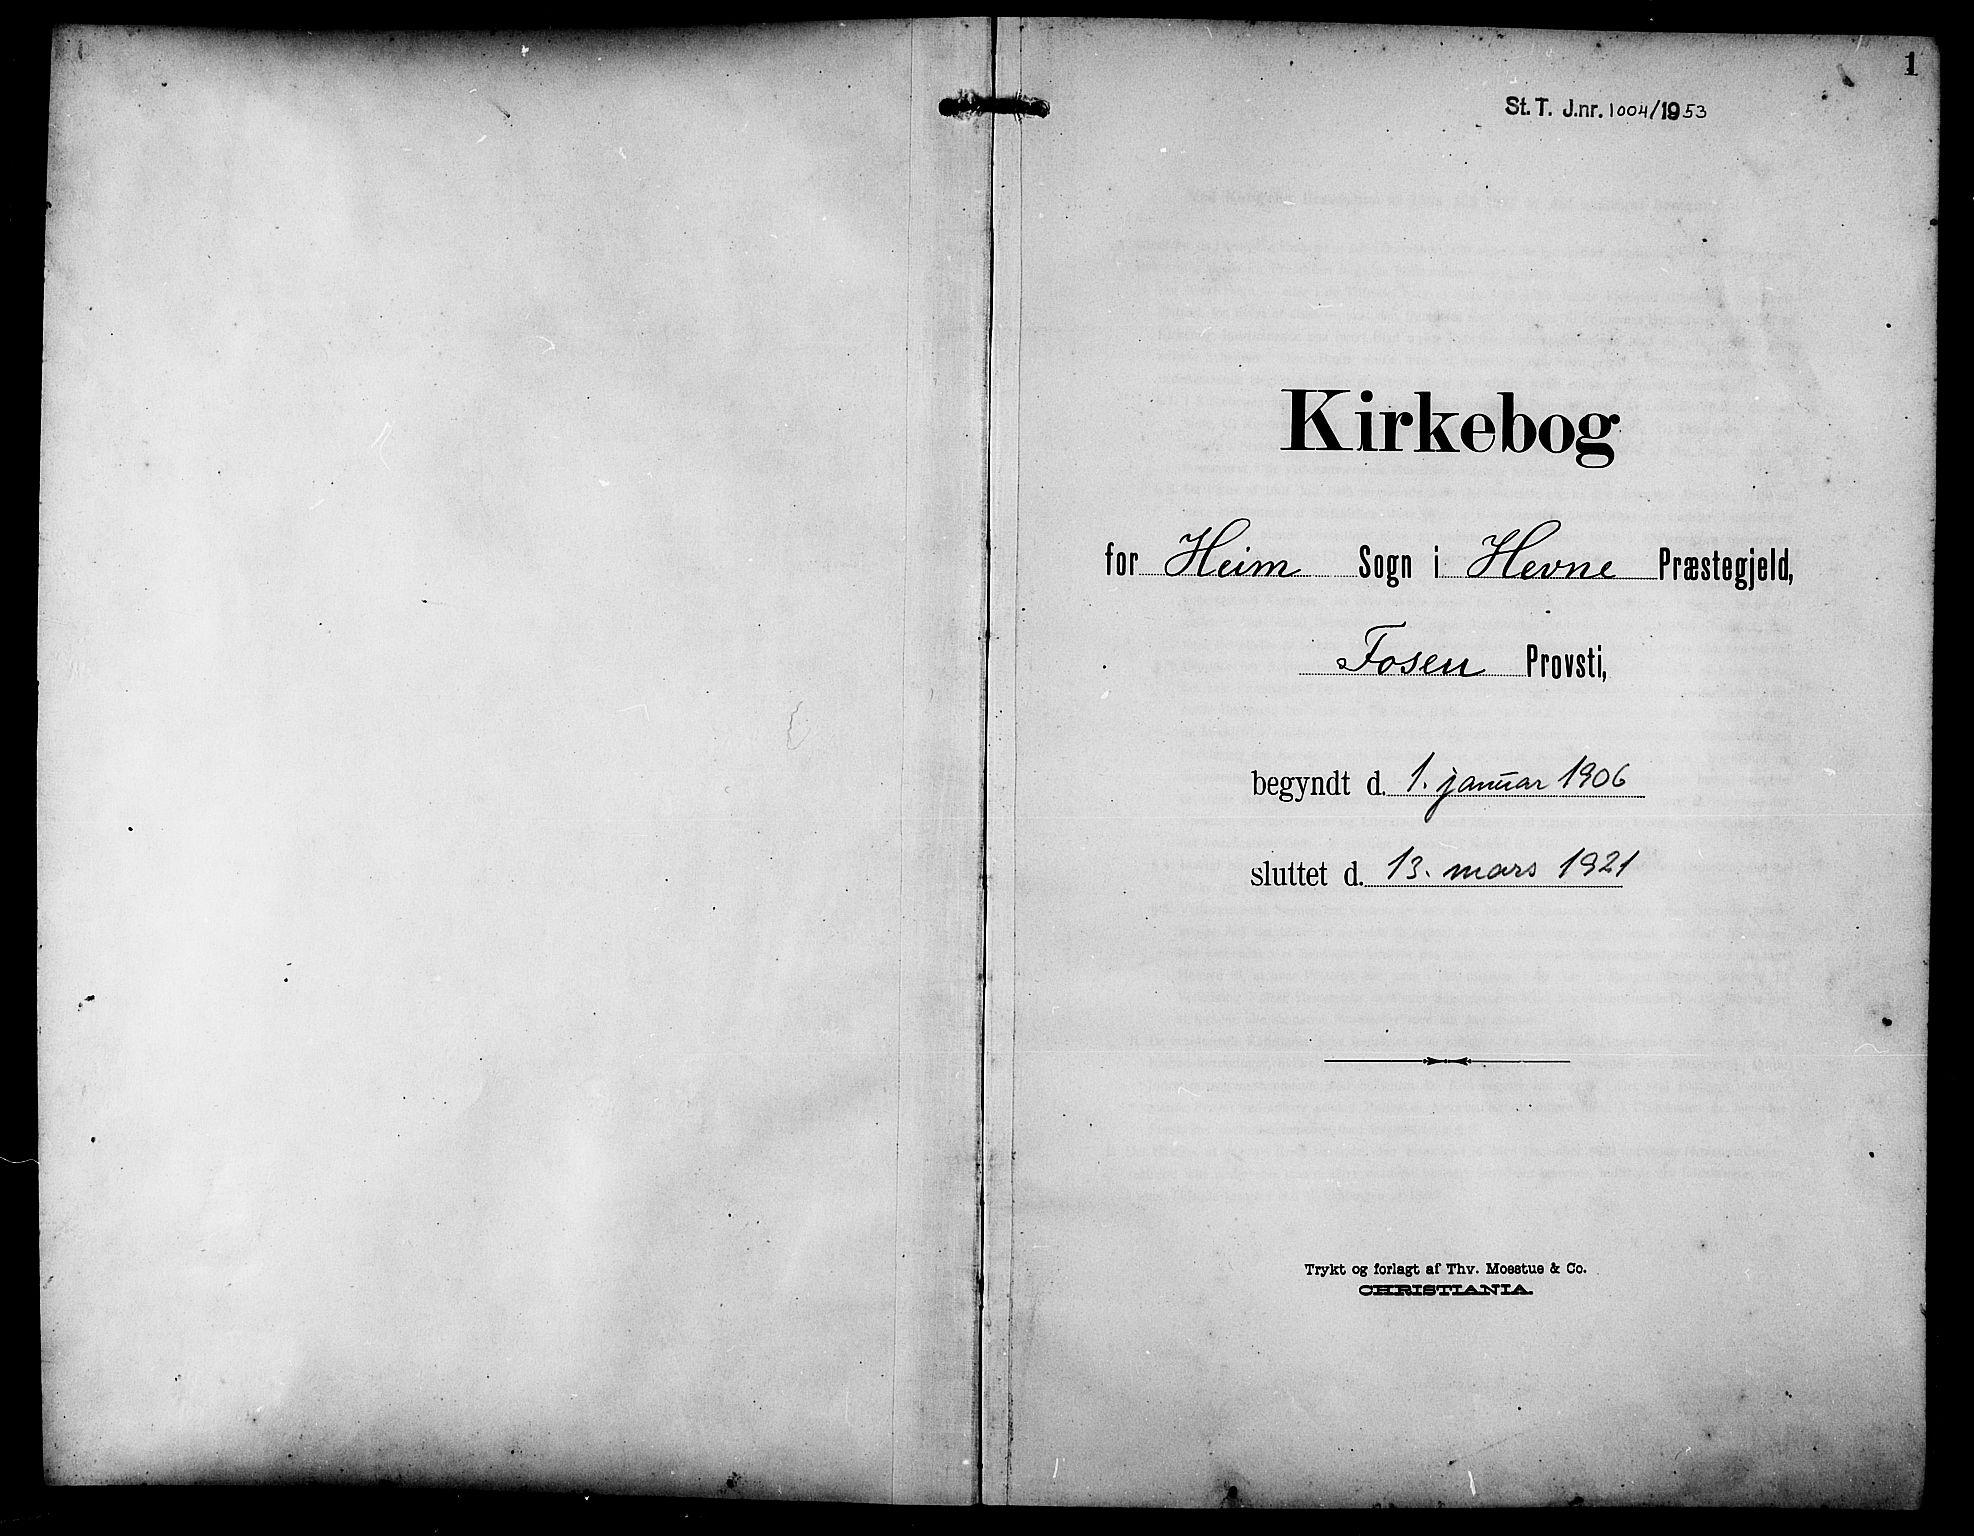 SAT, Ministerialprotokoller, klokkerbøker og fødselsregistre - Sør-Trøndelag, 633/L0520: Klokkerbok nr. 633C02, 1906-1921, s. 1